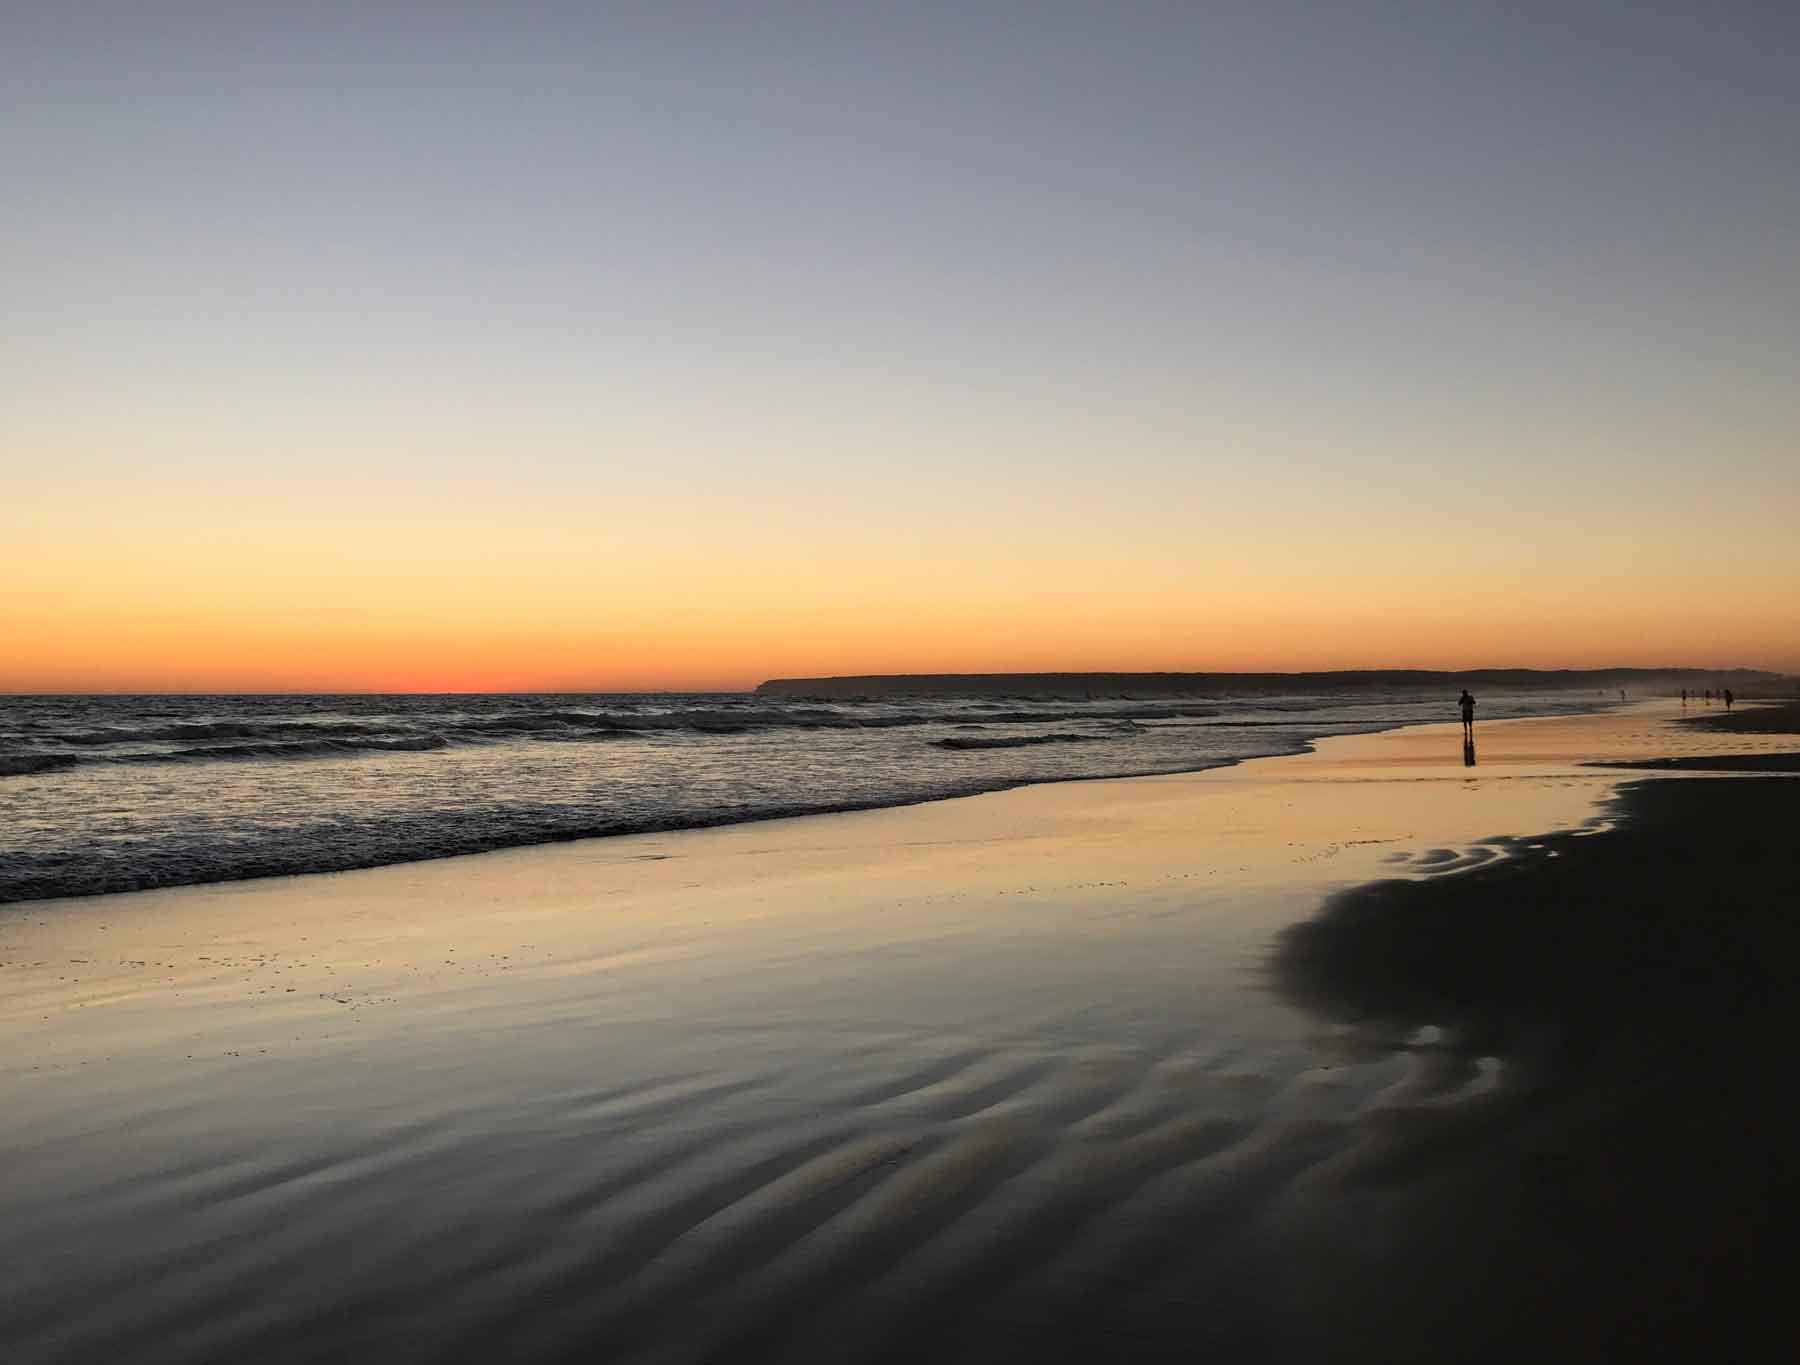 Le sunset.